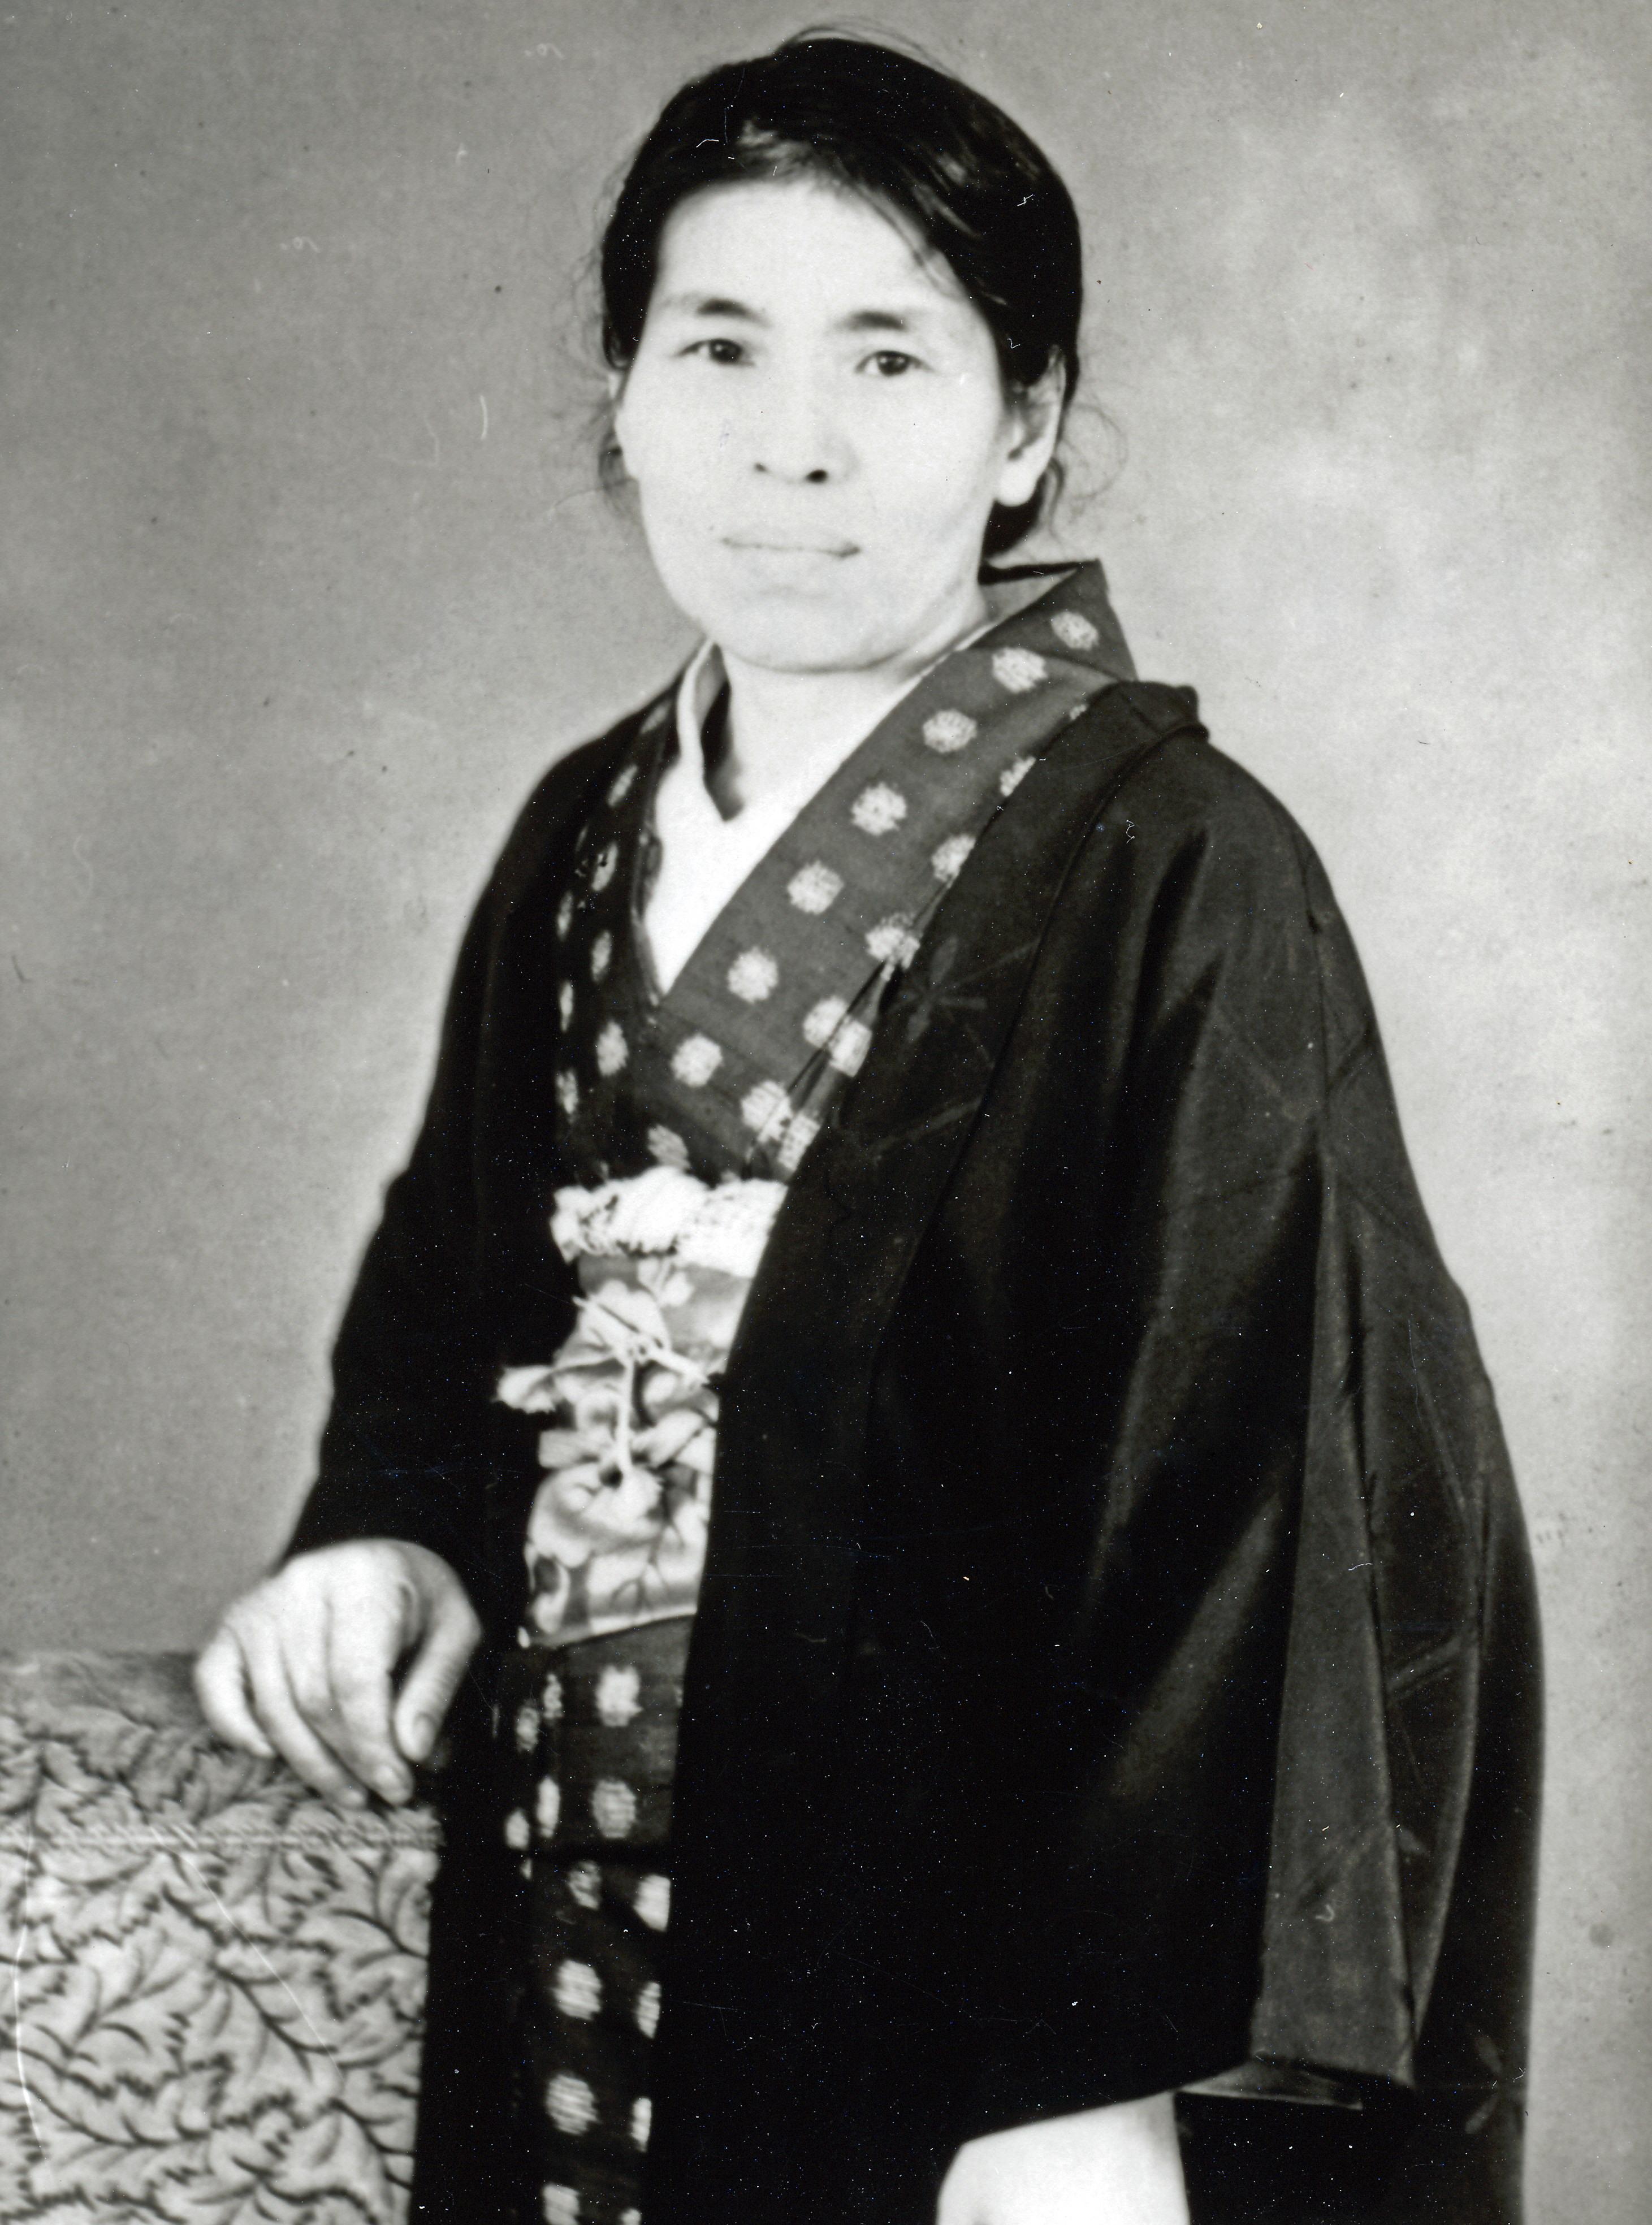 Hideo Sugita